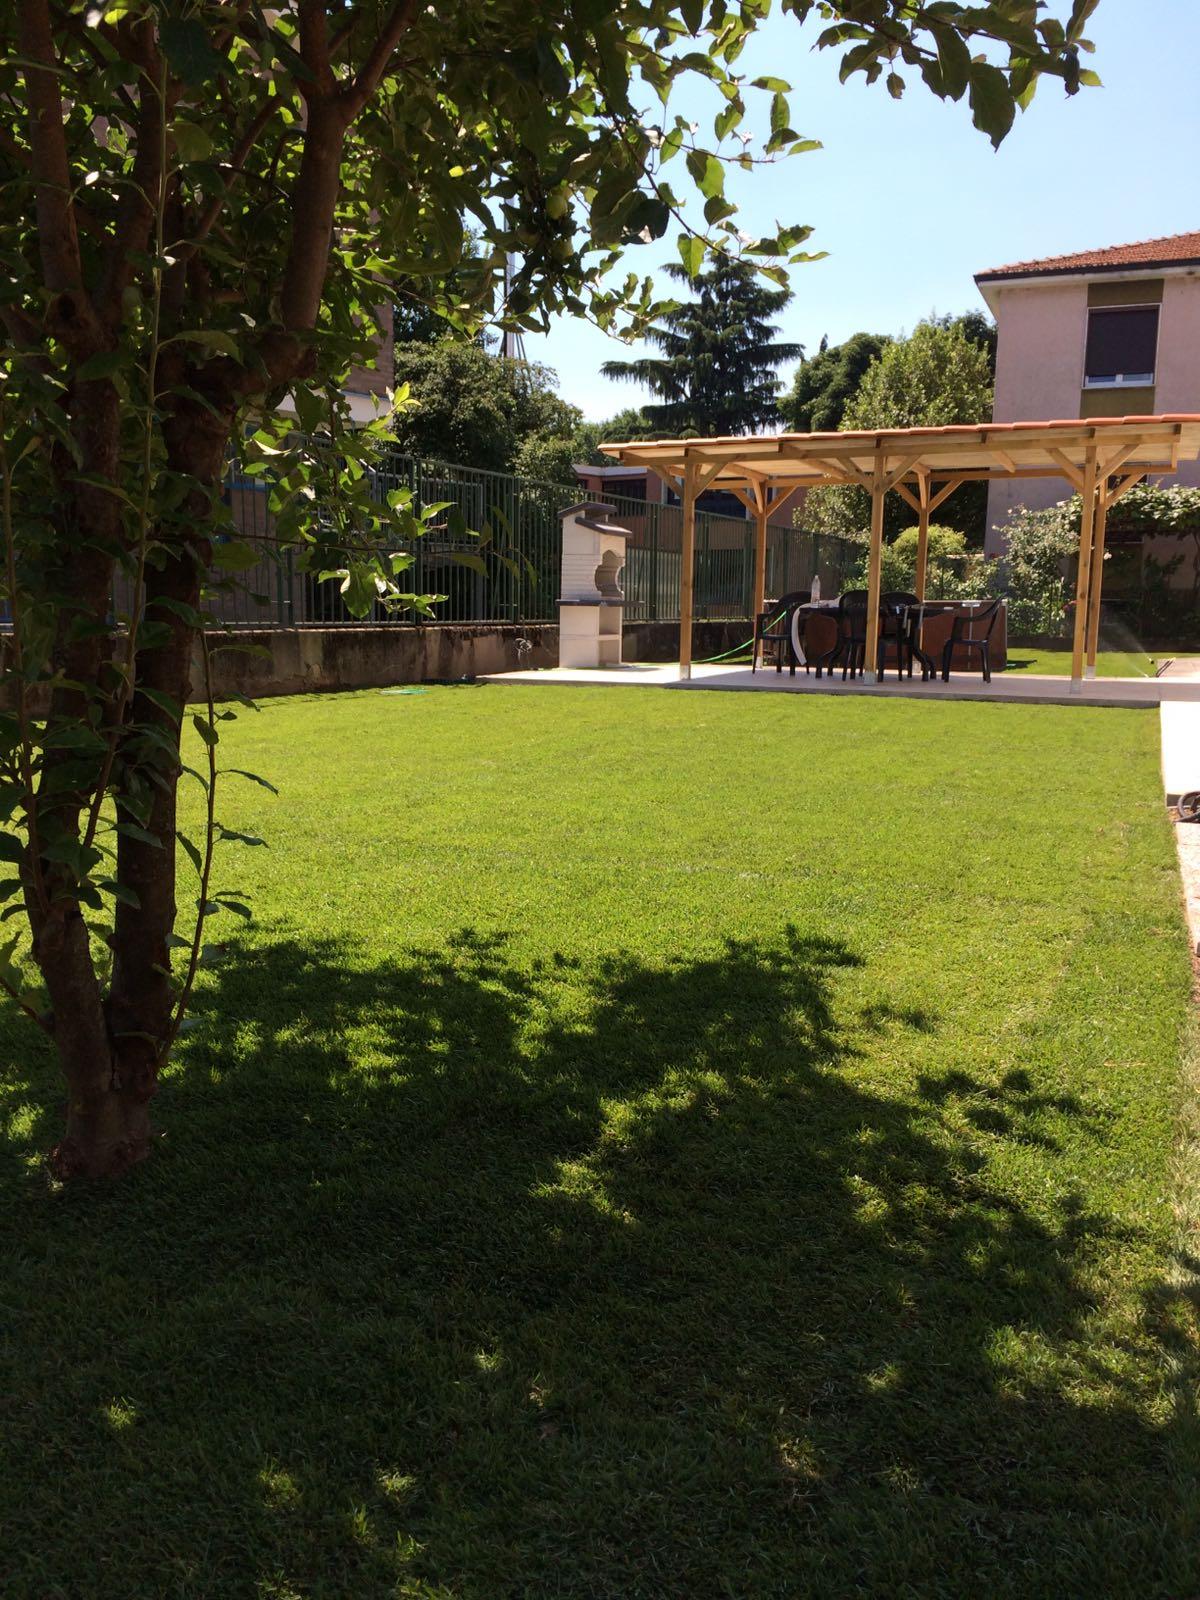 giardino sintetico monza